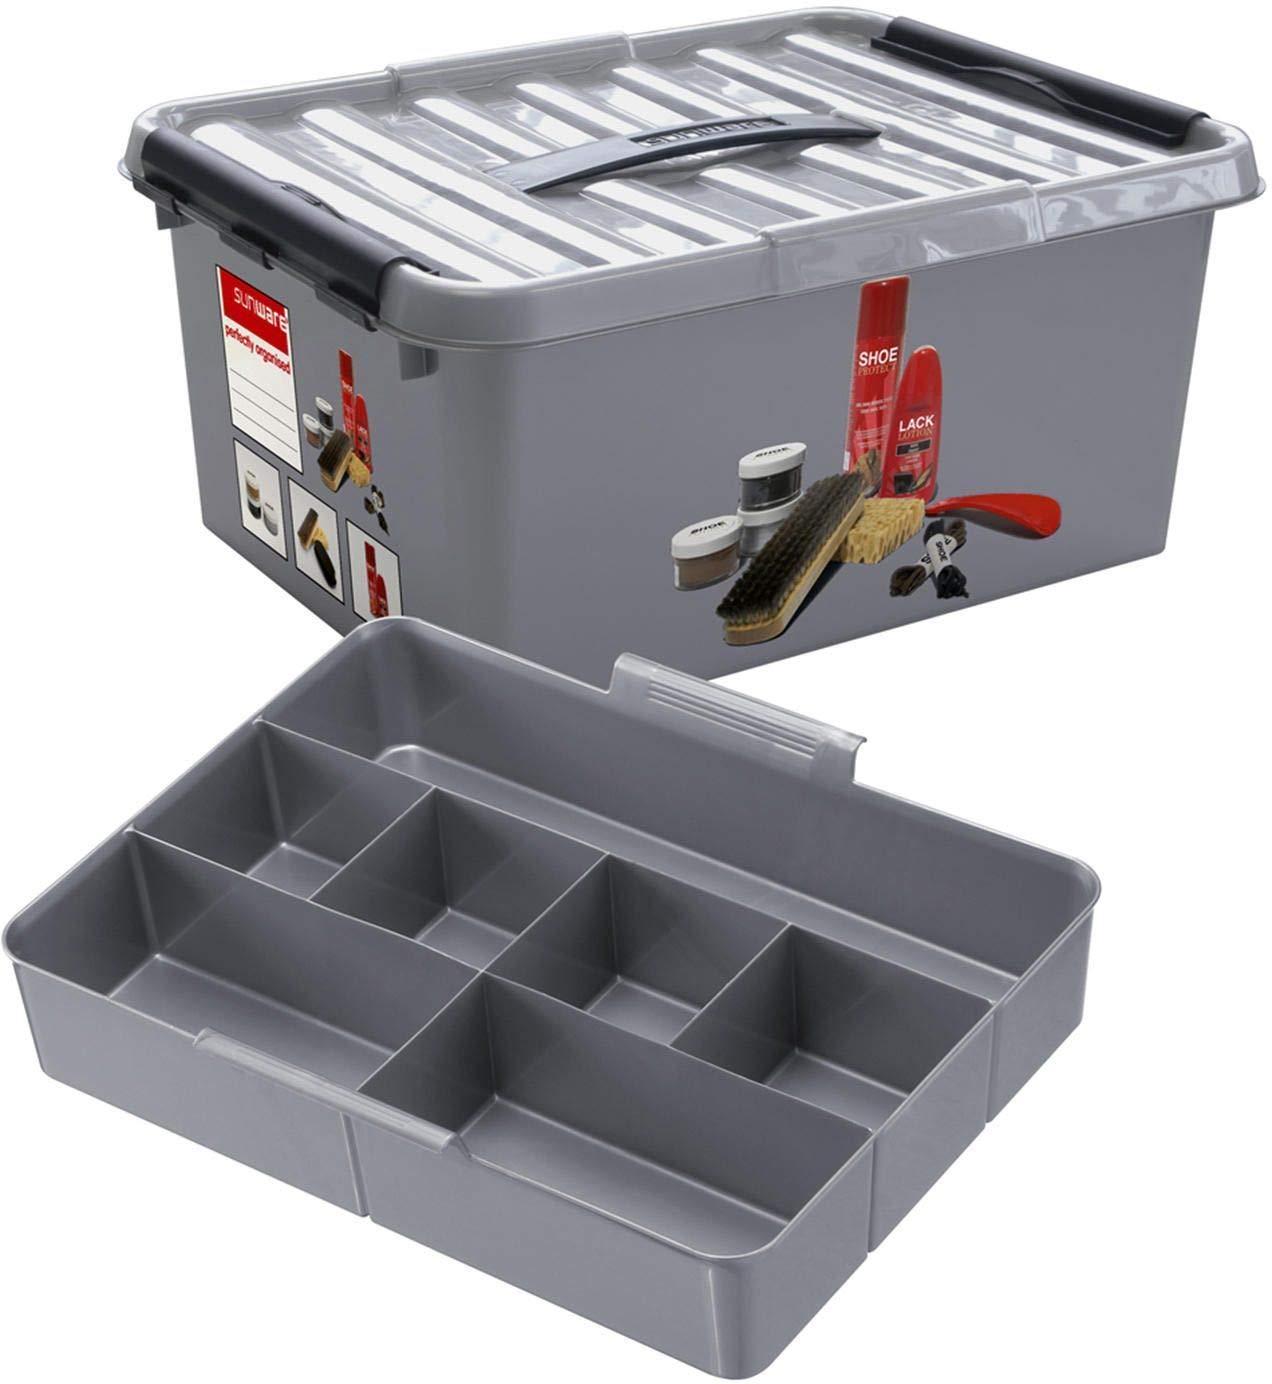 opbergboxen 1 Accessorie Sunware Q-line Schoenpoetsbox 15 liter